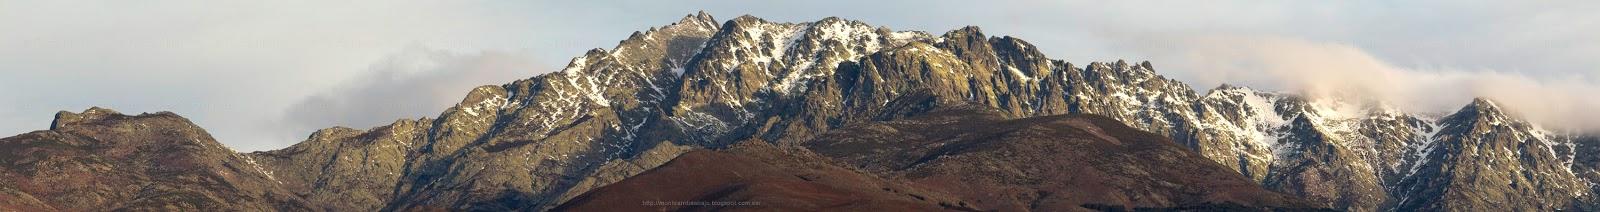 Vista panorámica de la cara sur de Gredos, el 9 febrero de 2012